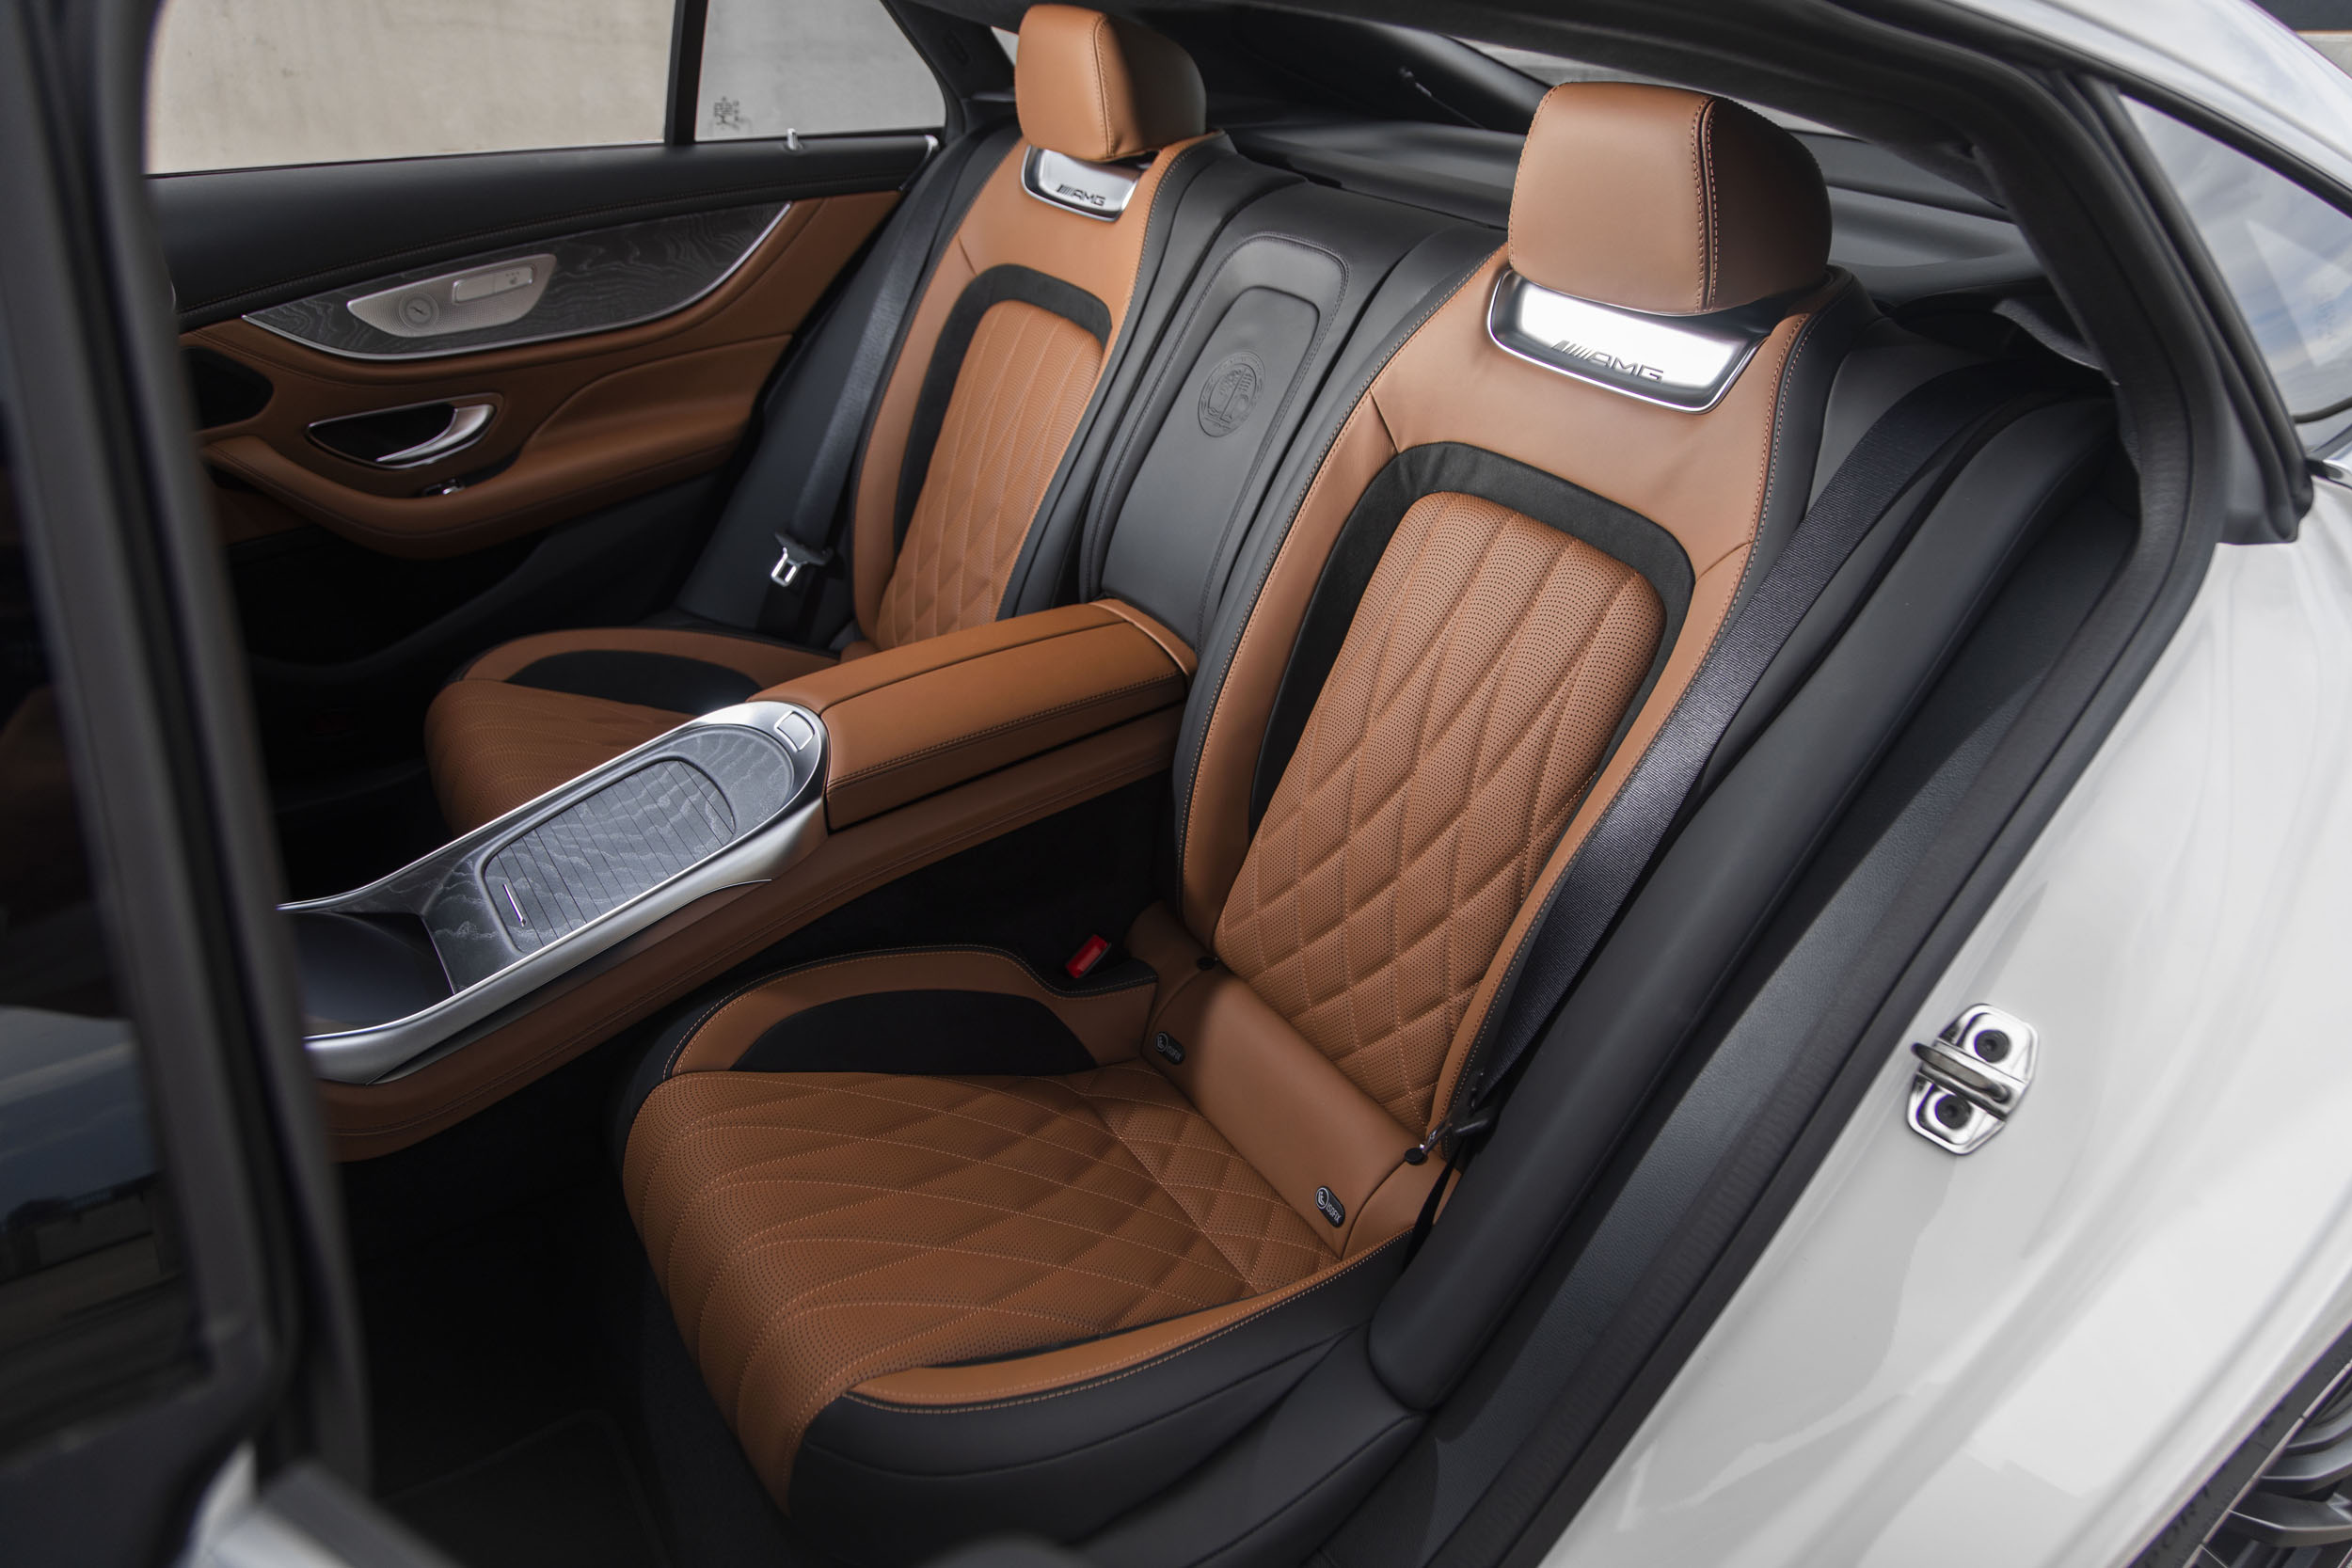 2021 Mercedes-AMG GT 43 4-Door Coupe (4)